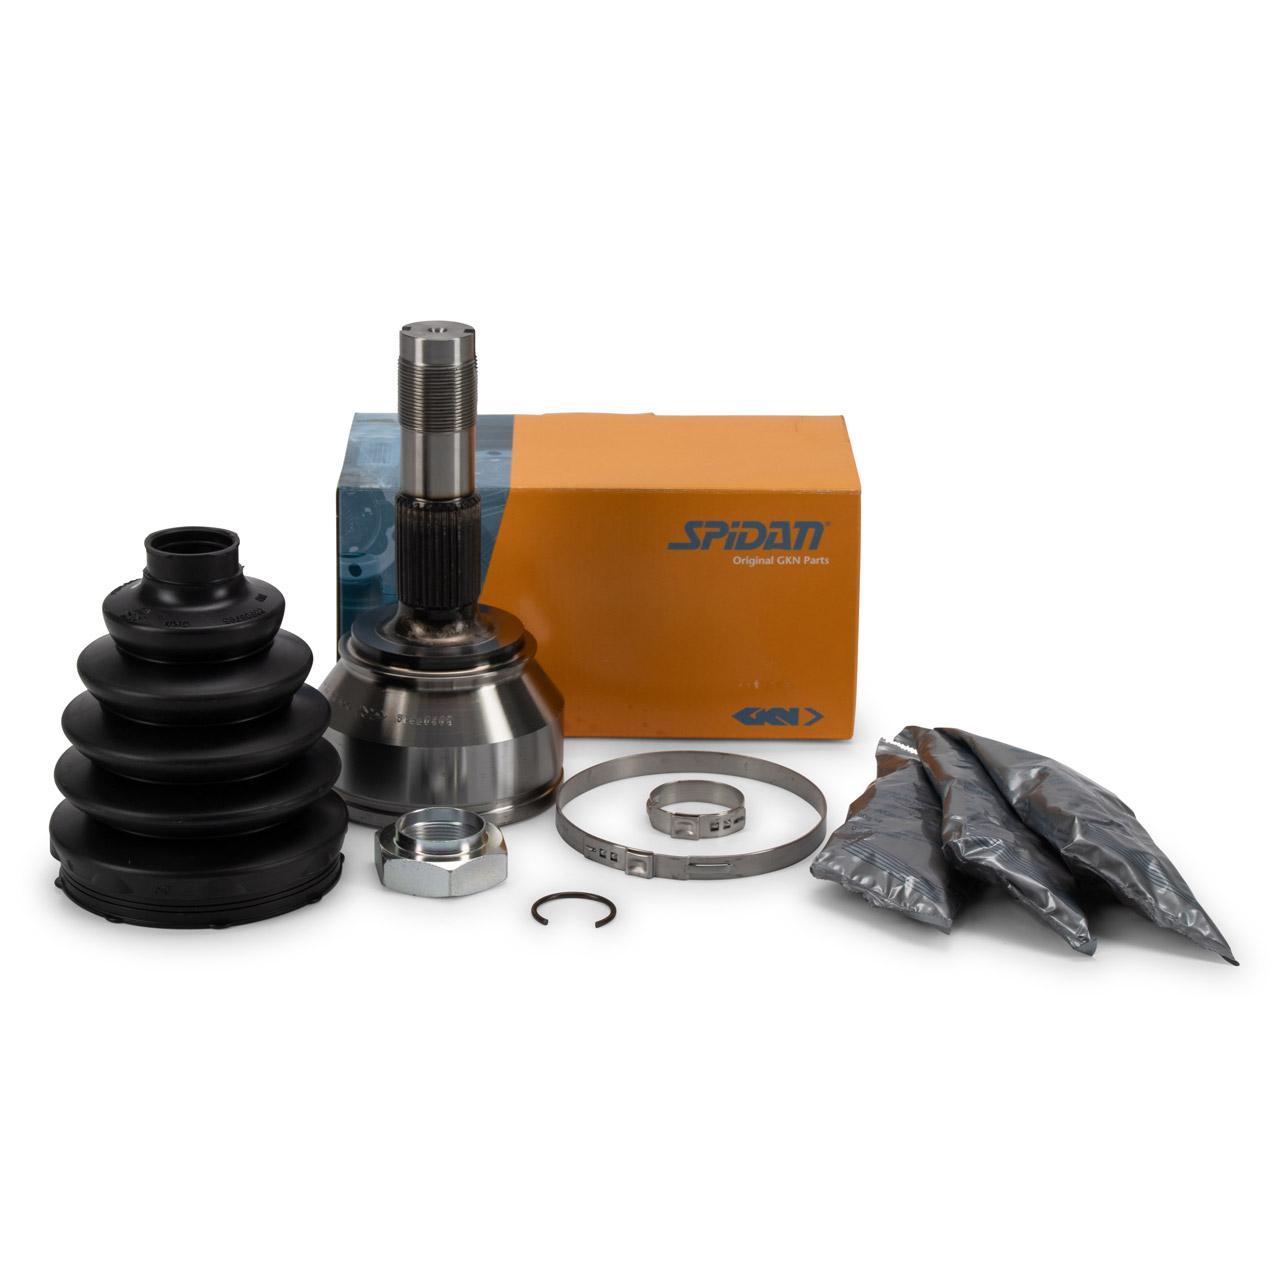 SPIDAN Antriebsgelenk Gelenksatz CITROEN Jumper PEUGEOT Boxer 3.0 HDi 160 vorne radseitig